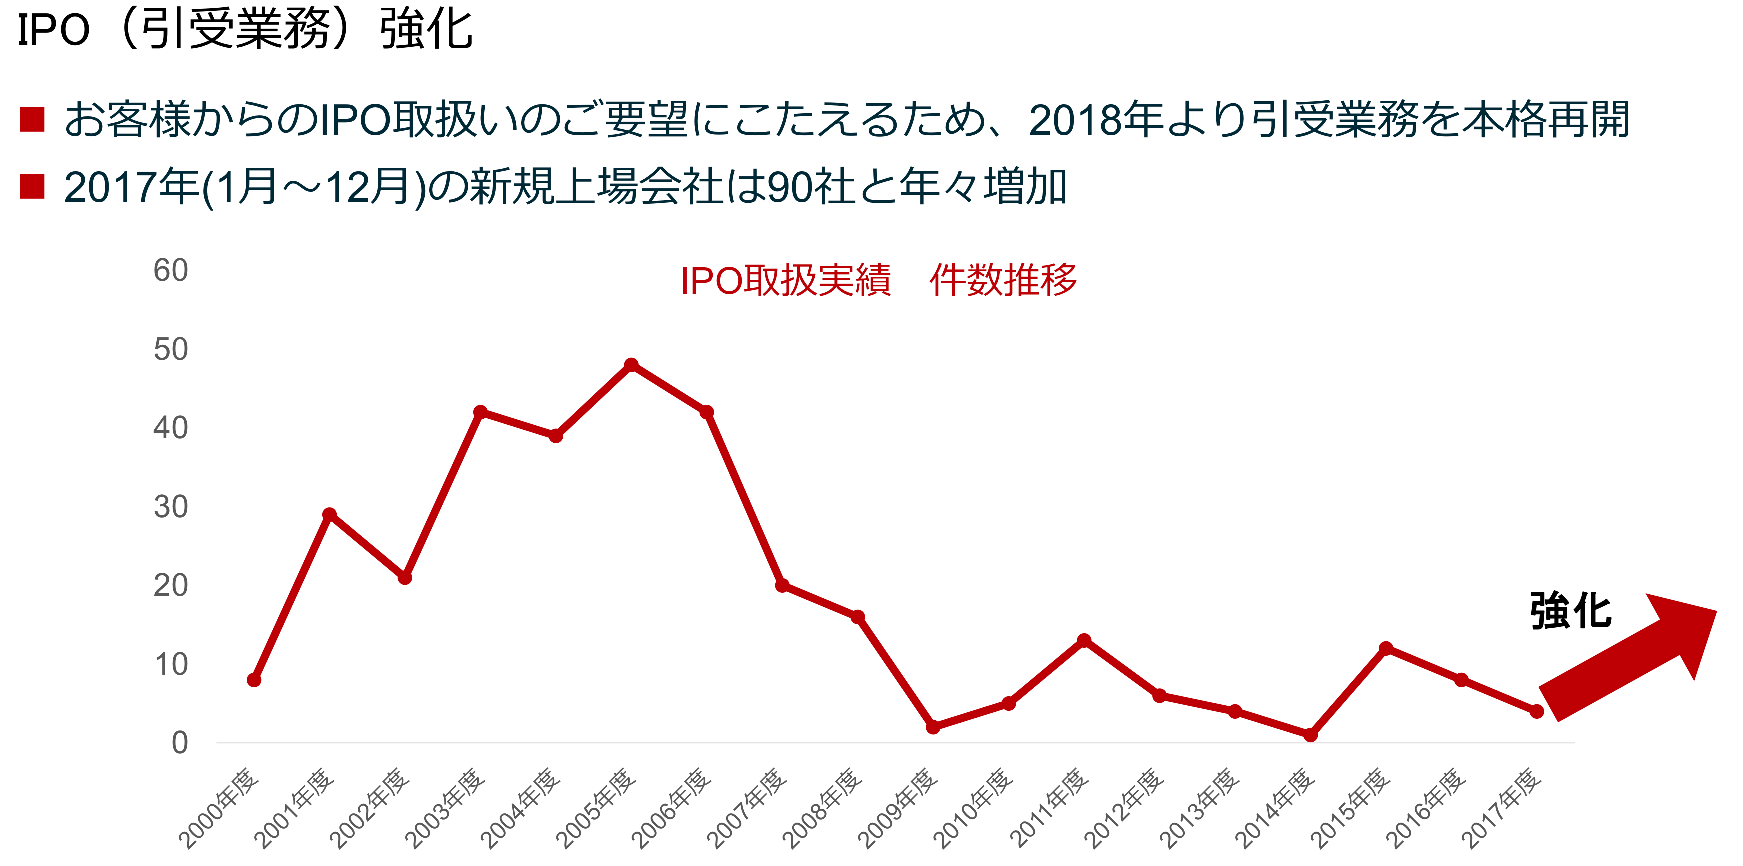 楽天証券のIPO投資実績